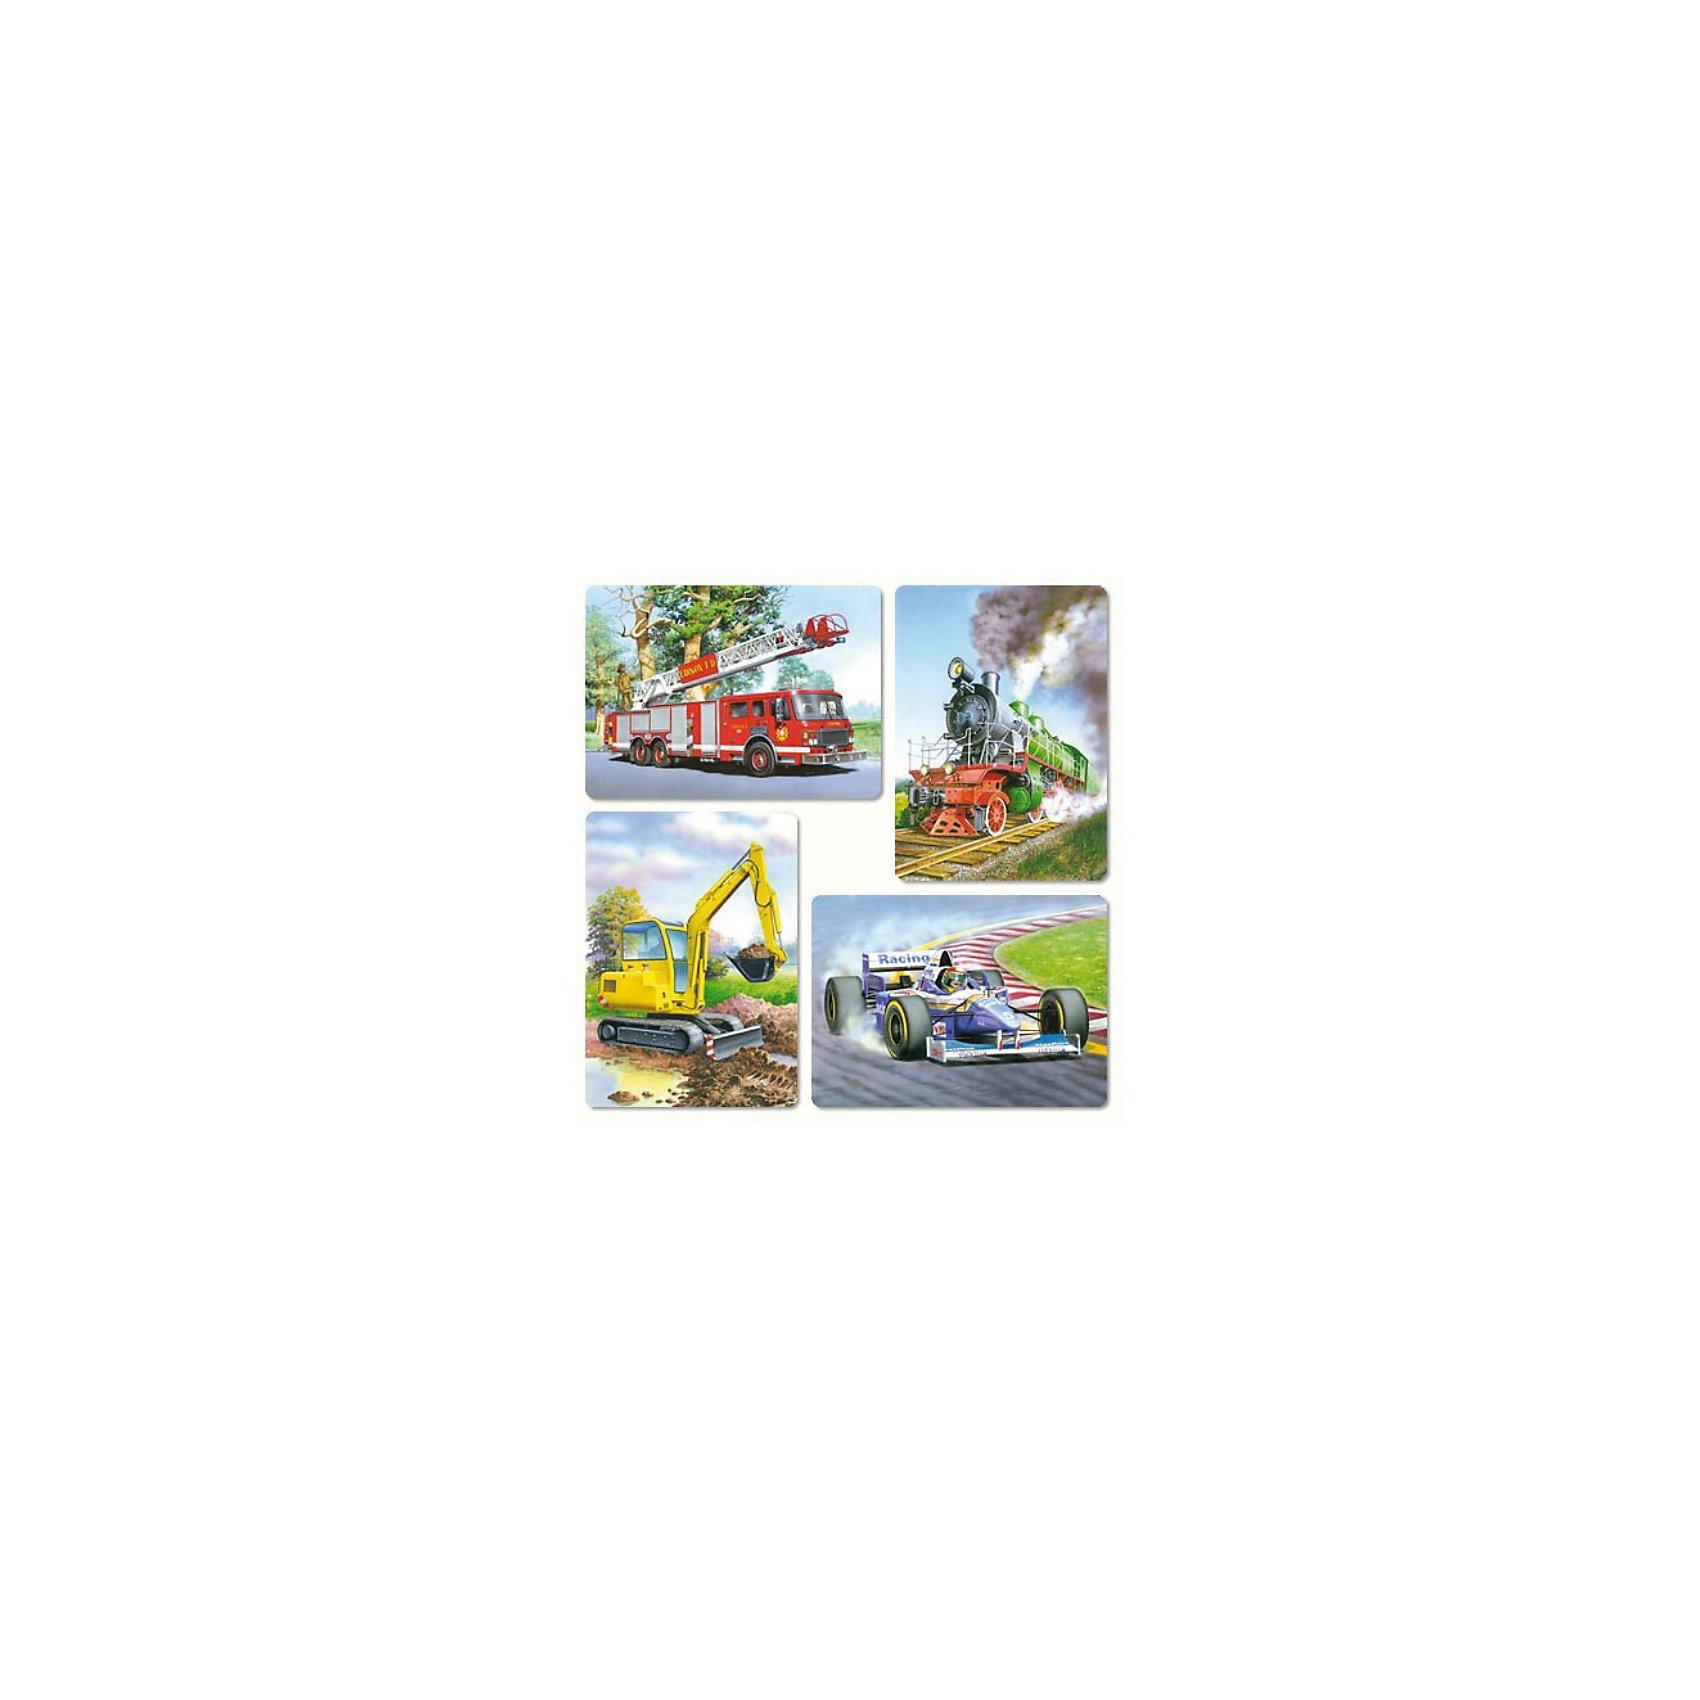 Набор пазлов Транспорт, 8*12*15*20 деталей, CastorlandПазлы для малышей<br>Набор пазлов Транспорт, 8*12*15*20 деталей, Castorland (Касторленд).<br><br>В наборе 4 картинки, выполненных транспортных средств.  Картинки отличаются тем, что состоят из разного количества деталей: 8, 12, 15 или 20. Пазлы имеют разный размер элементов. Ребенок может начинать собирать картинку с крупными элементами, а потом  постепенно увеличивать сложность, собирая пазлы с большим количеством элементов меньшего размера. <br><br>Высококачественные пазлы подарят вам ни с чем не сравнимое удовольствие. Все элементы уникальны и прекрасно соединяются.<br><br>Дополнительная информация:<br><br>- Изображение: гоночный болид, пожарная машина, экскаватор, паровоз<br>- Количество деталей: 8, 12, 15, 20<br>- Материал: плотный картон<br>- Размер собранной картинки:  230 х165 мм<br>- Размер коробки: 273 х 186 х 37 мм<br>- Вес: 400 г.<br><br>Набор пазлов Транспорт, 8*12*15*20 деталей, Castorland (Касторленд) можно купить в нашем интернет-магазине.<br><br>Ширина мм: 273<br>Глубина мм: 186<br>Высота мм: 40<br>Вес г: 400<br>Возраст от месяцев: 12<br>Возраст до месяцев: 60<br>Пол: Унисекс<br>Возраст: Детский<br>Количество деталей: 8<br>SKU: 2328219